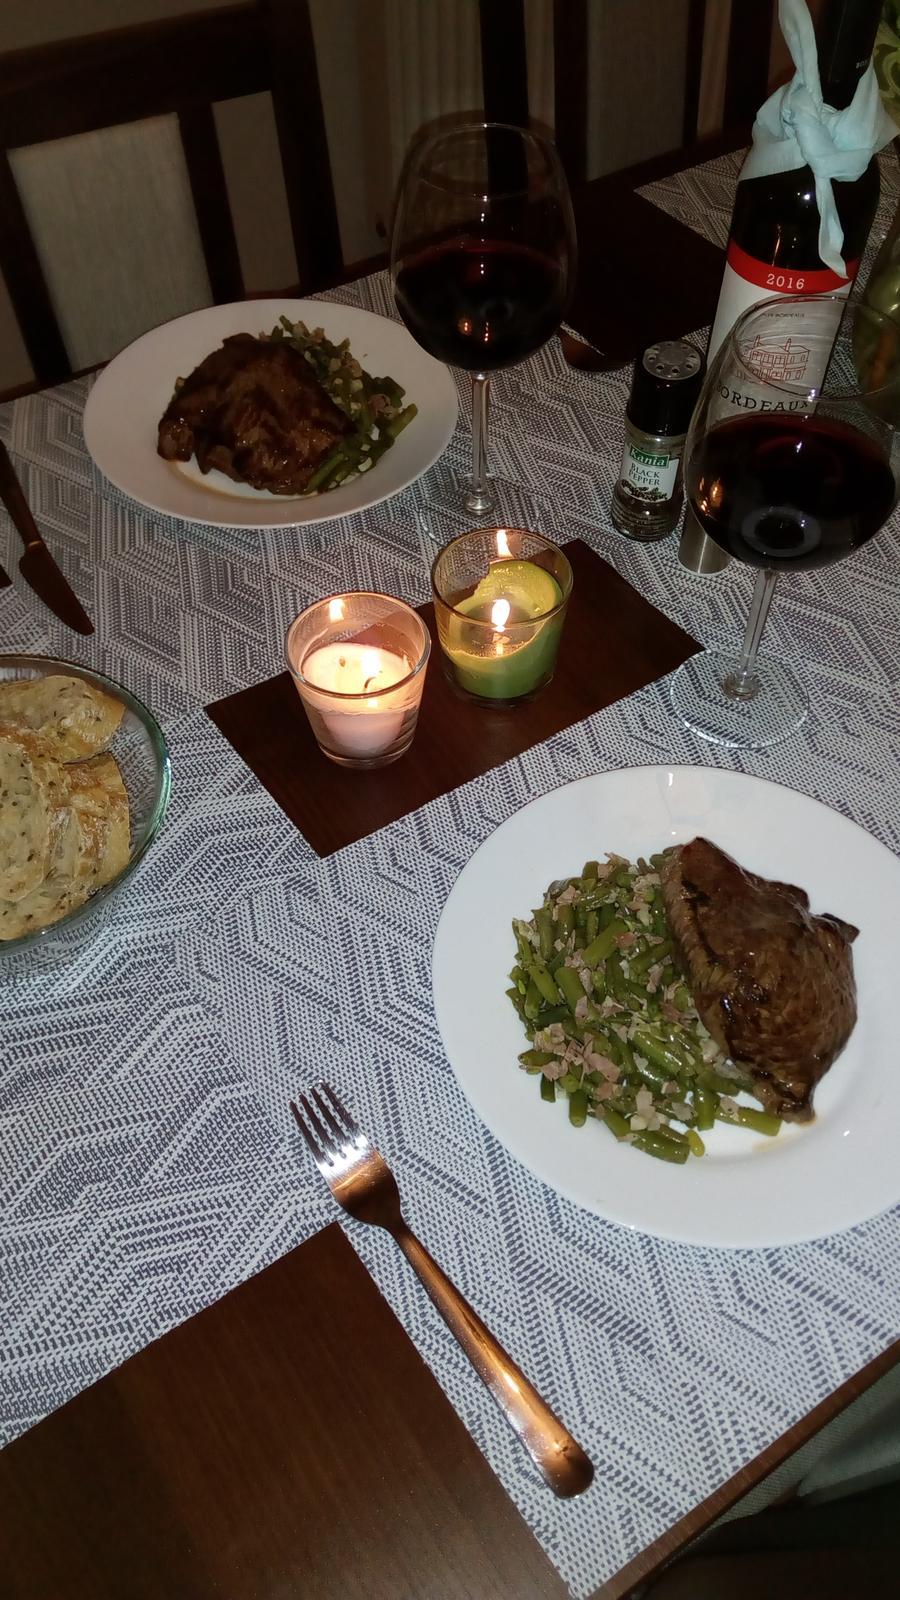 Hokus pokus v kuchyni - Taková naše domácí romantika :-)